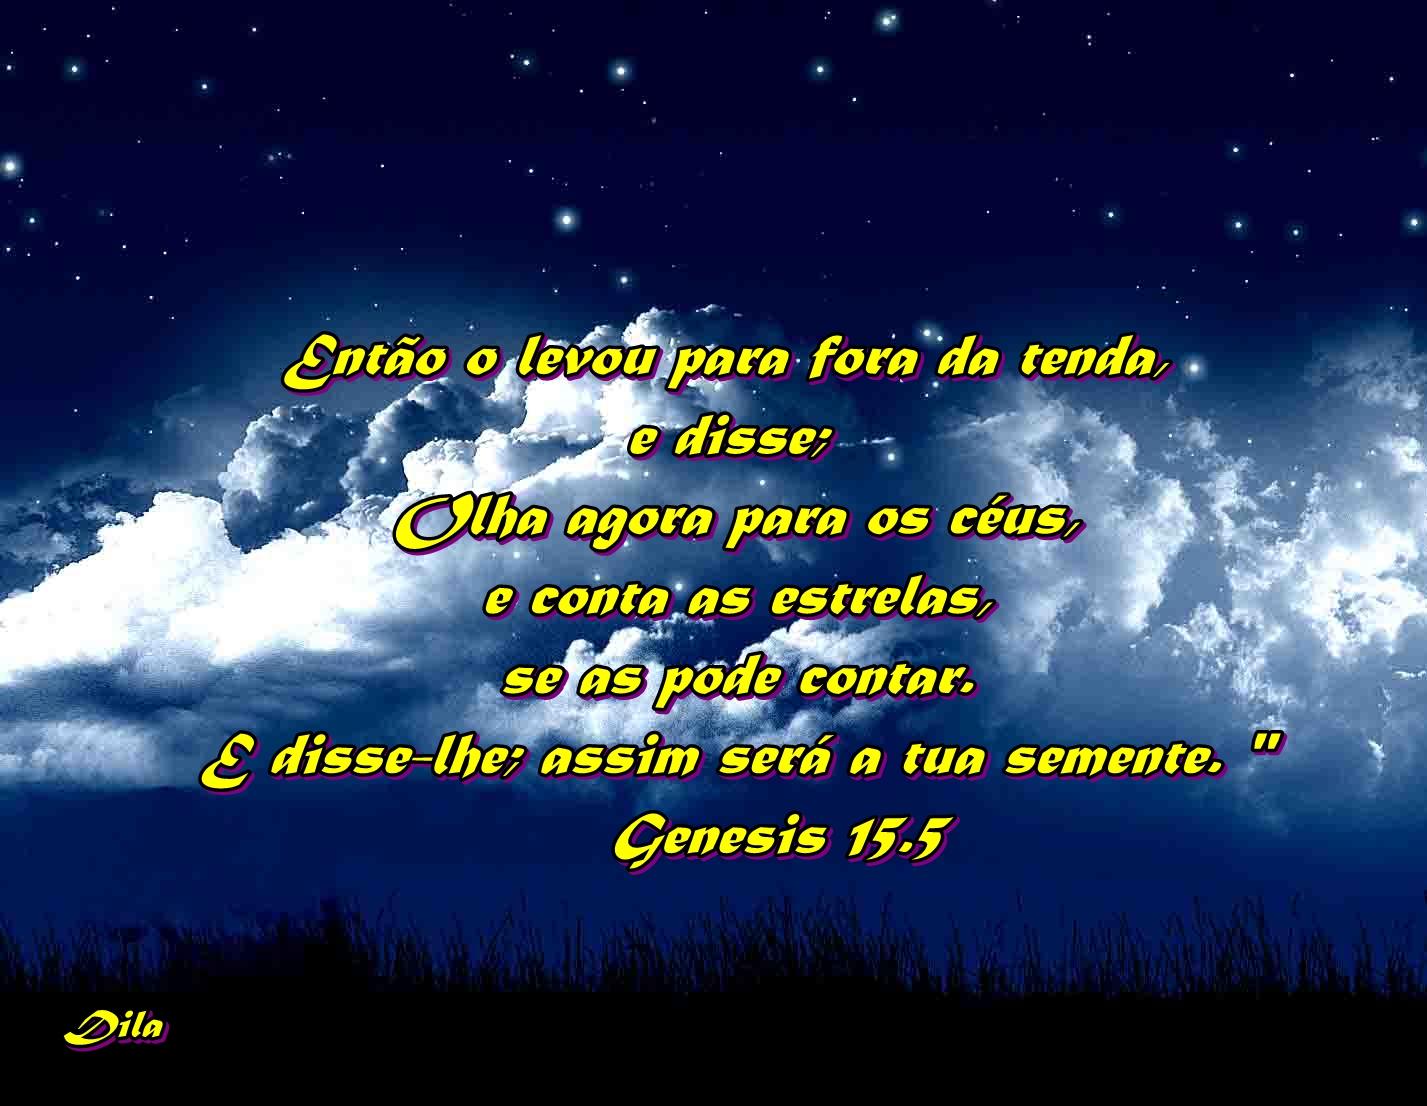 Na Vida Tudo Tem Um Sentido Resposta De Deus Pra Ti: **Na Vida Tudo Tem Um Sentido!**: Em Cada Momento De Minha